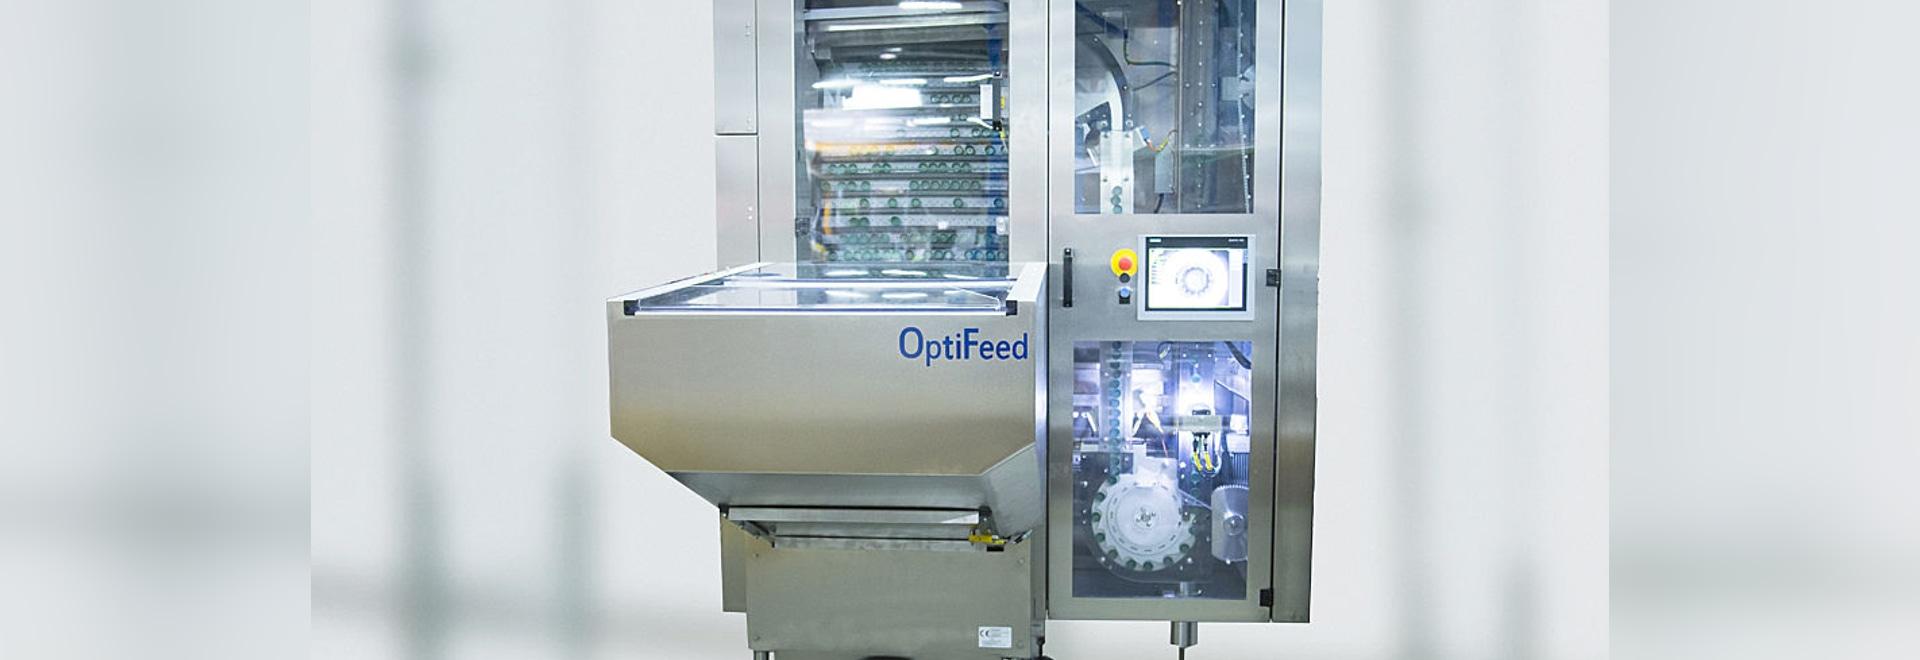 Erhöhter ergonomischer und untererer Energieverbrauch mit OptiFeed™, die neue Kappenzufuhrplattform von Gebo